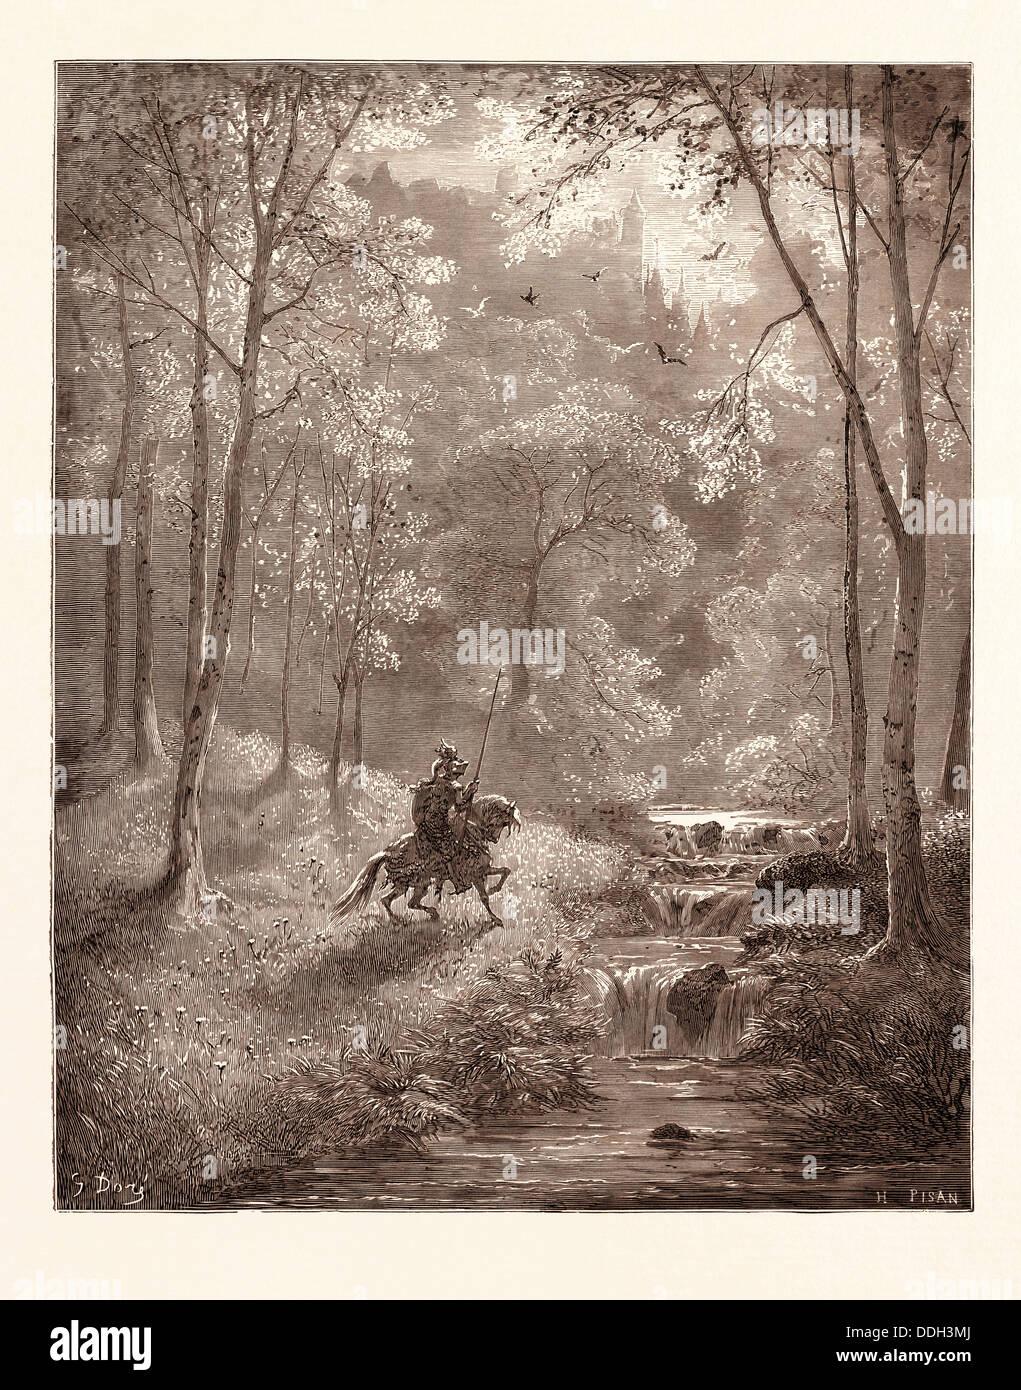 MÄRCHENLAND, VON GUSTAVE DORÉ. Dore, 1832-1883, Französisch. Gravur für Don Quijote von Cervantes. Stockbild